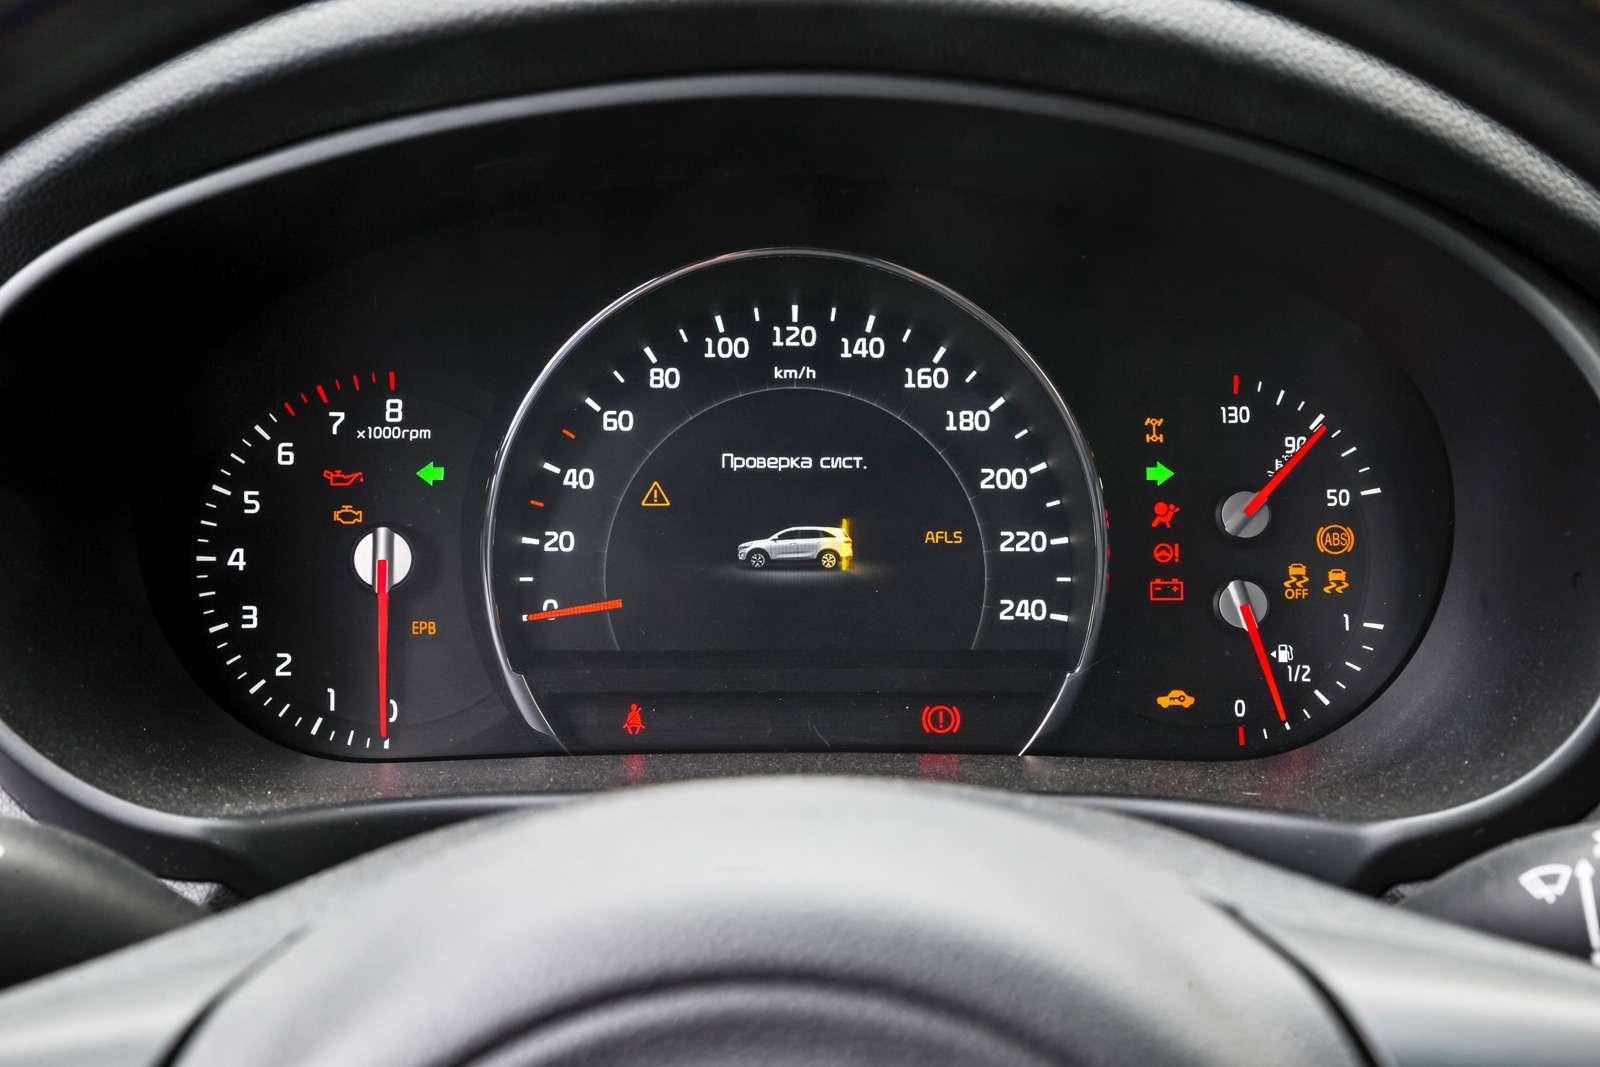 Тест полноразмерных кроссоверов: Honda Pilot, Kia Sorento Prime иFord Explorer— фото 614989